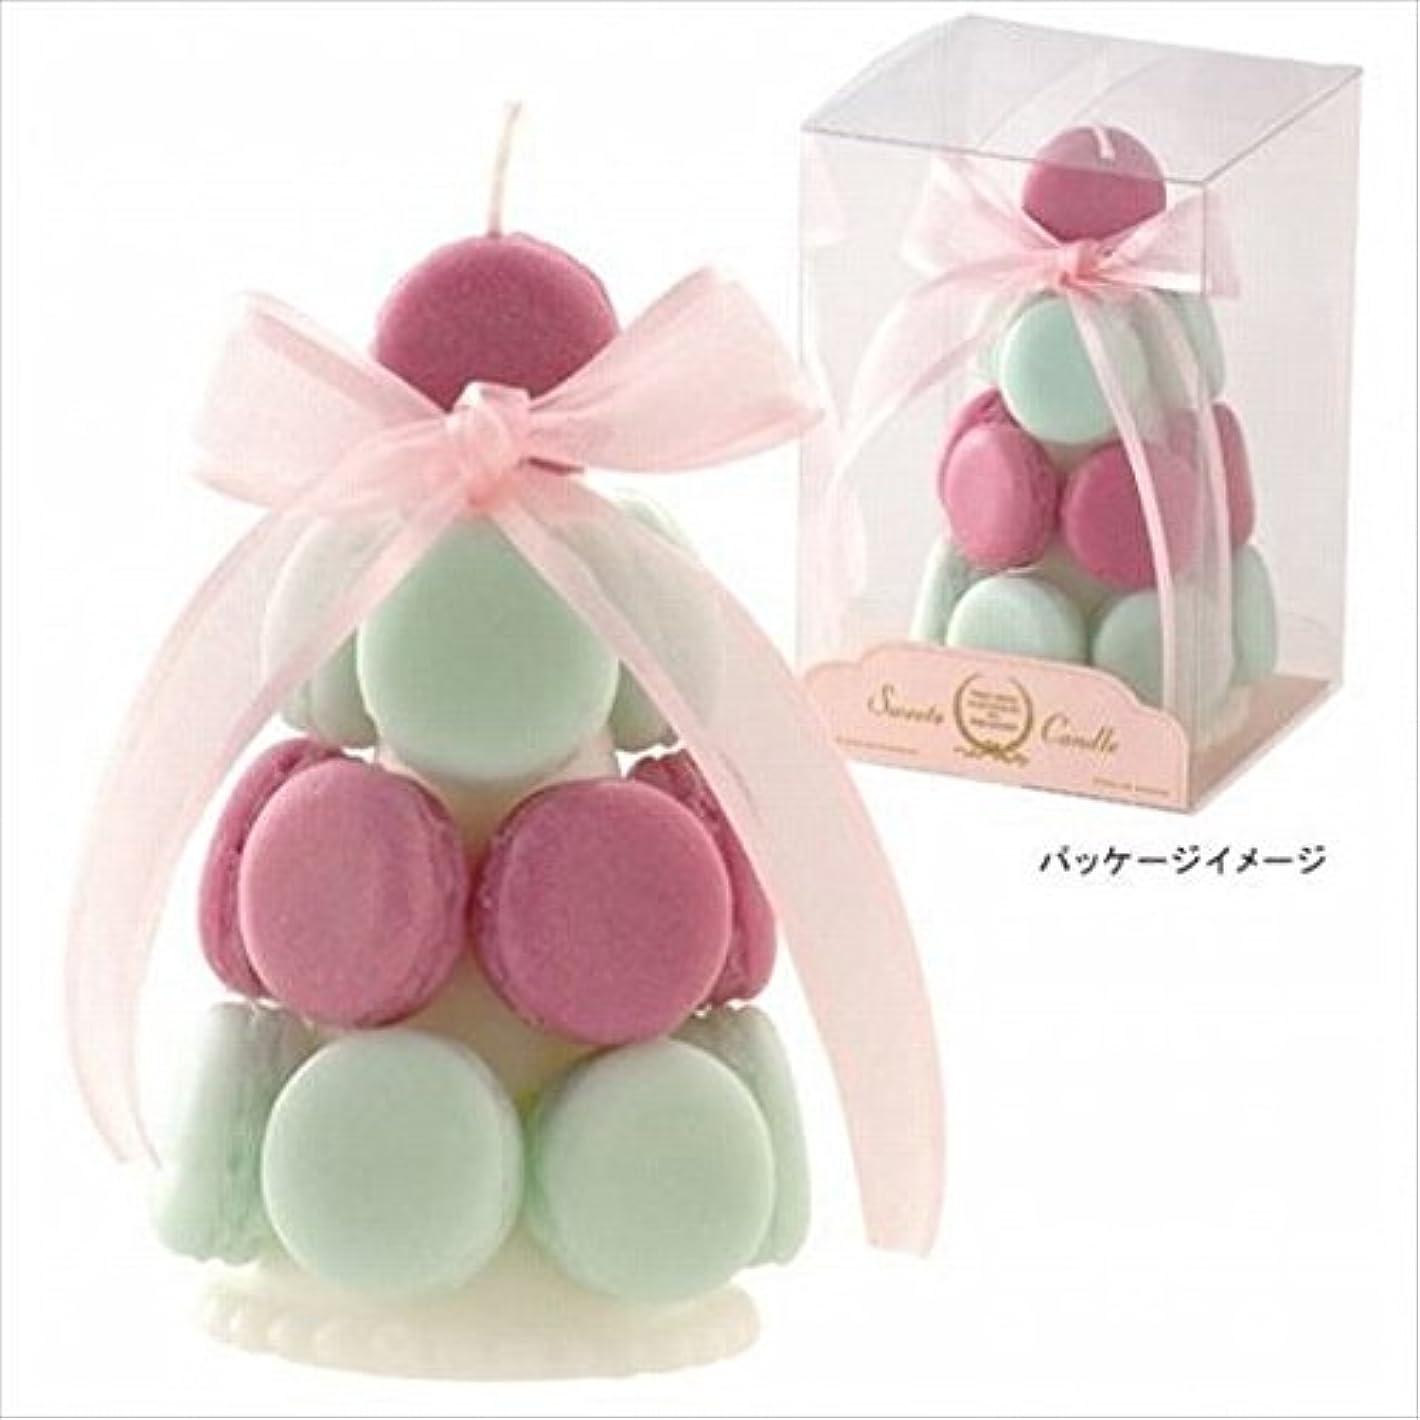 回想知るオッズkameyama candle(カメヤマキャンドル) ハッピーマカロンタワー 「 メロングリーン 」(A4580520)